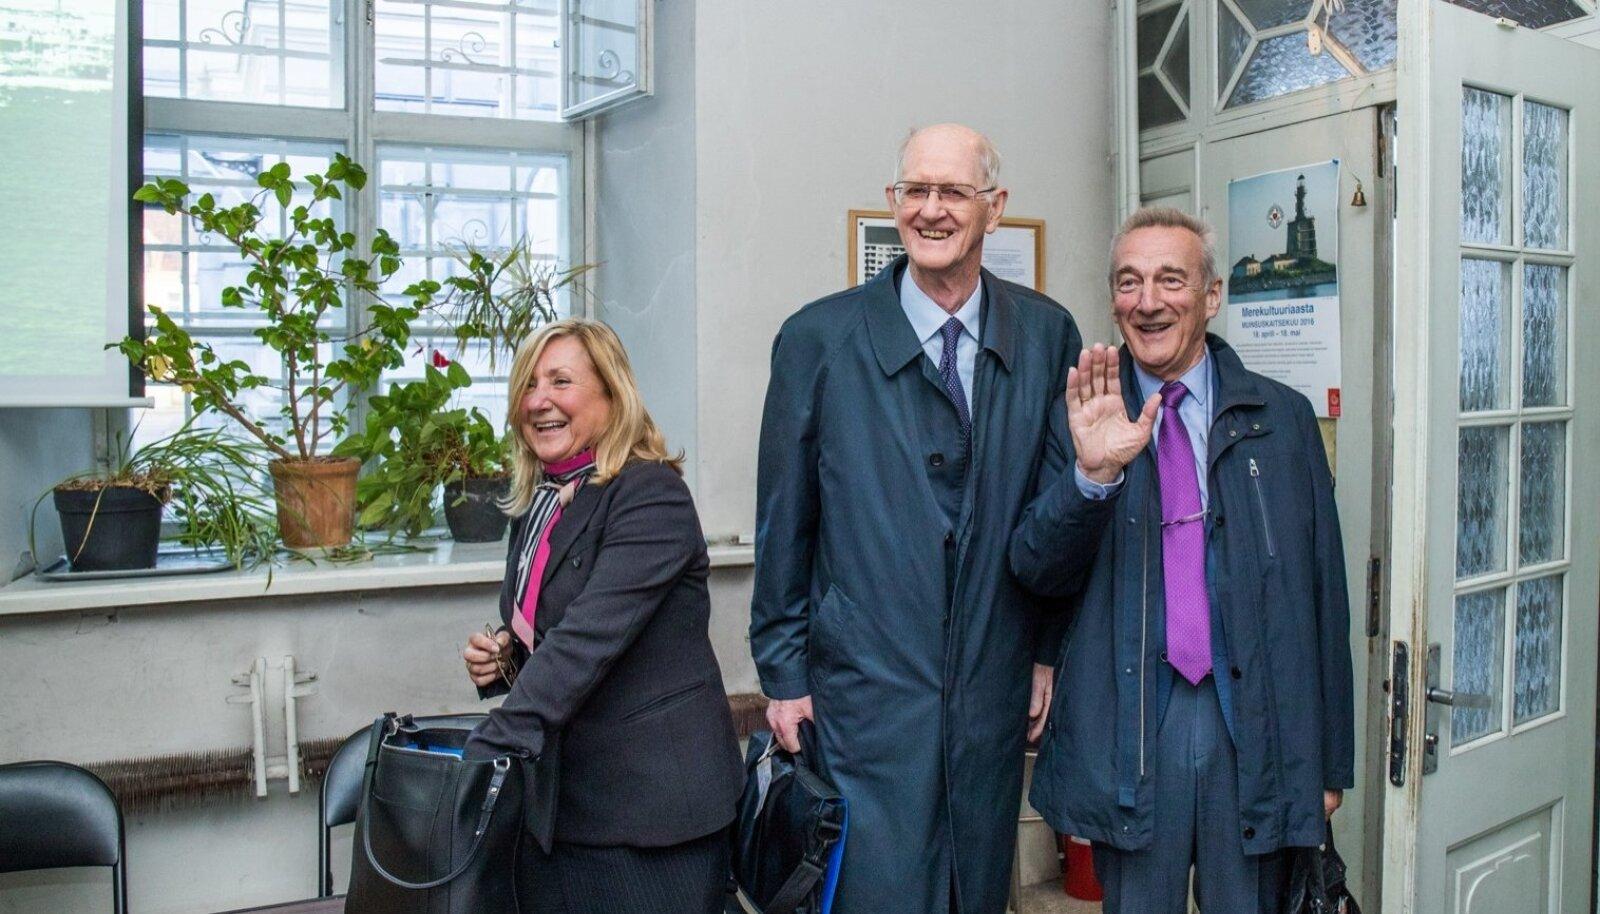 Restaureerimisarhitekt Sylvia Valle (vasakult), Euroopa Investeerimispanga instituudi nõunik Peter Bond ja Europa Nostra asepresident Piet Jaspaert nautisid Eestis veedetud aega, kuid lubasid vajaduse korral valitsuse jaoks ka tüütuks muutuda.